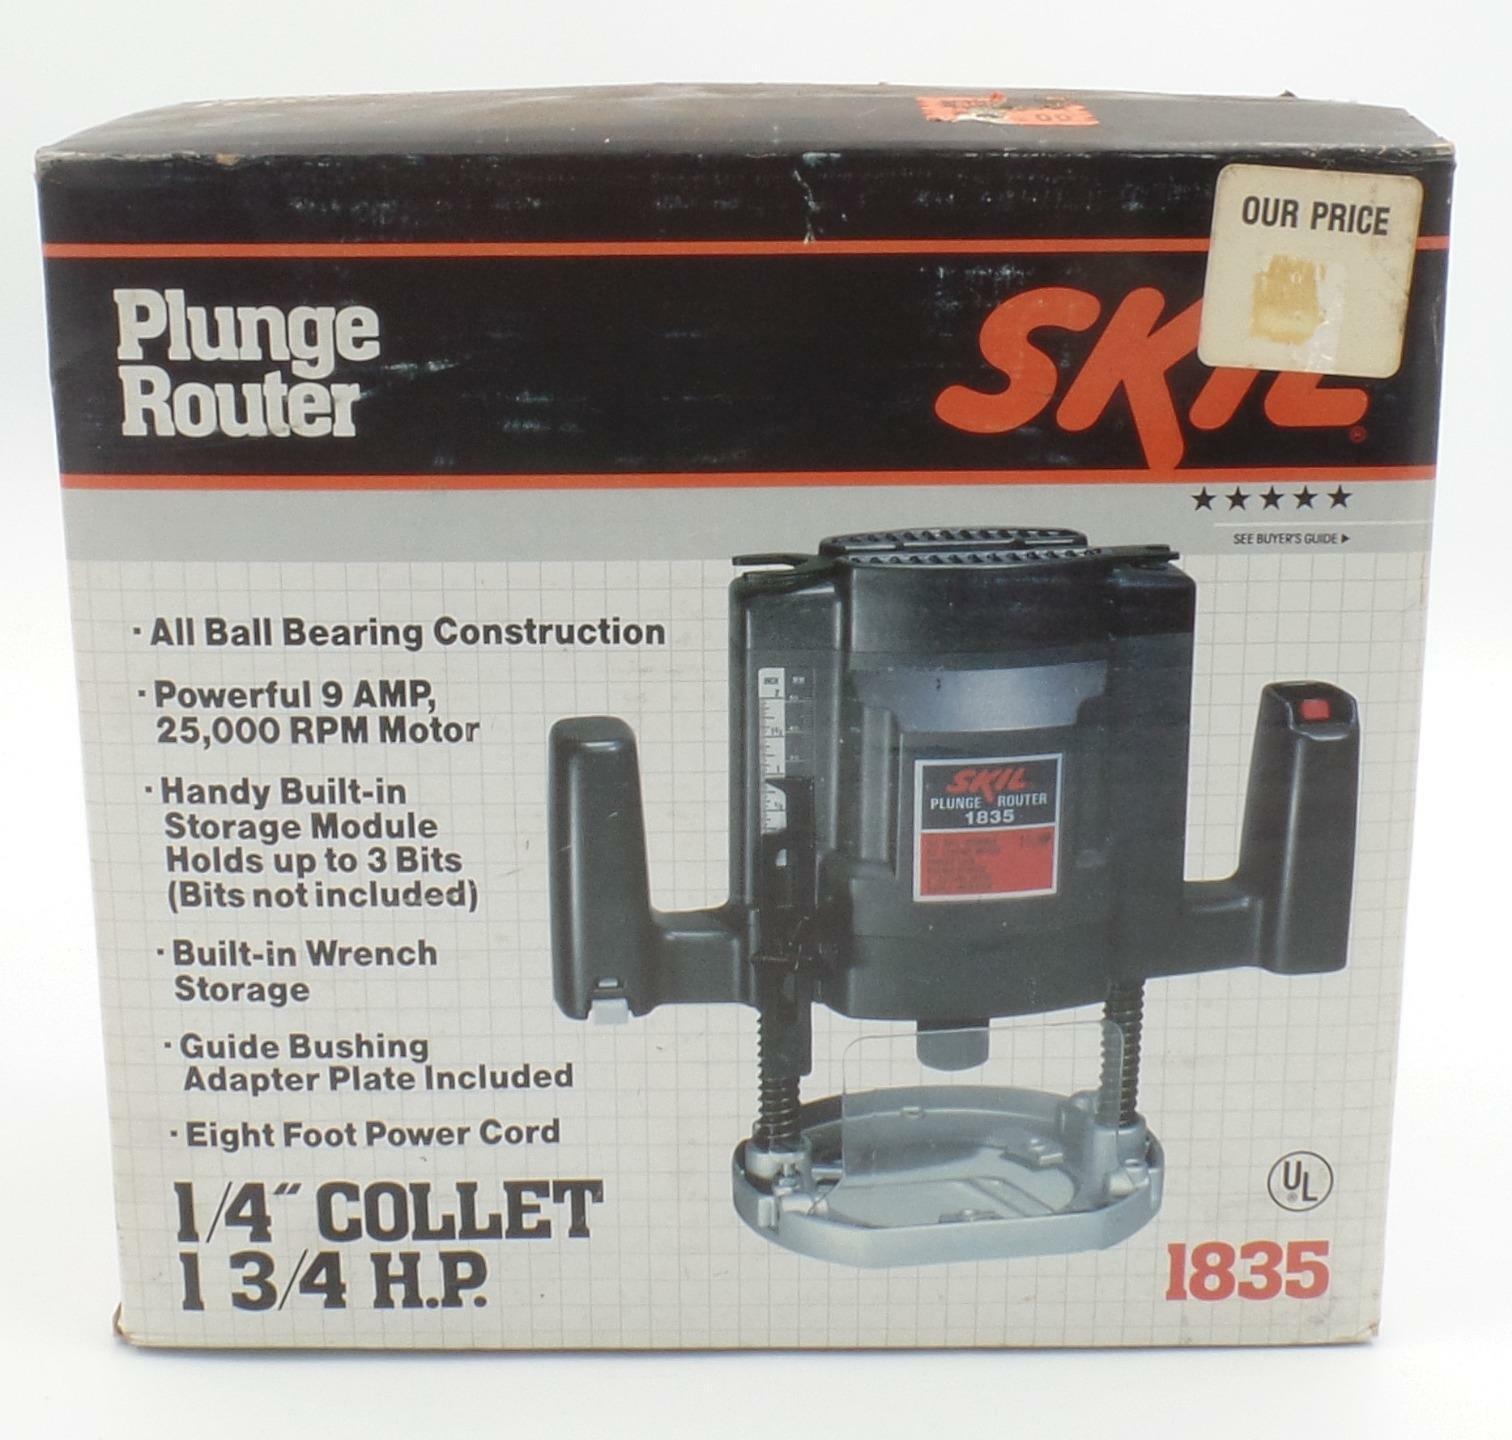 Craftsman 9 5 Amp Plunge Router 1 4 Collet Model 917515 For Sale Online Ebay